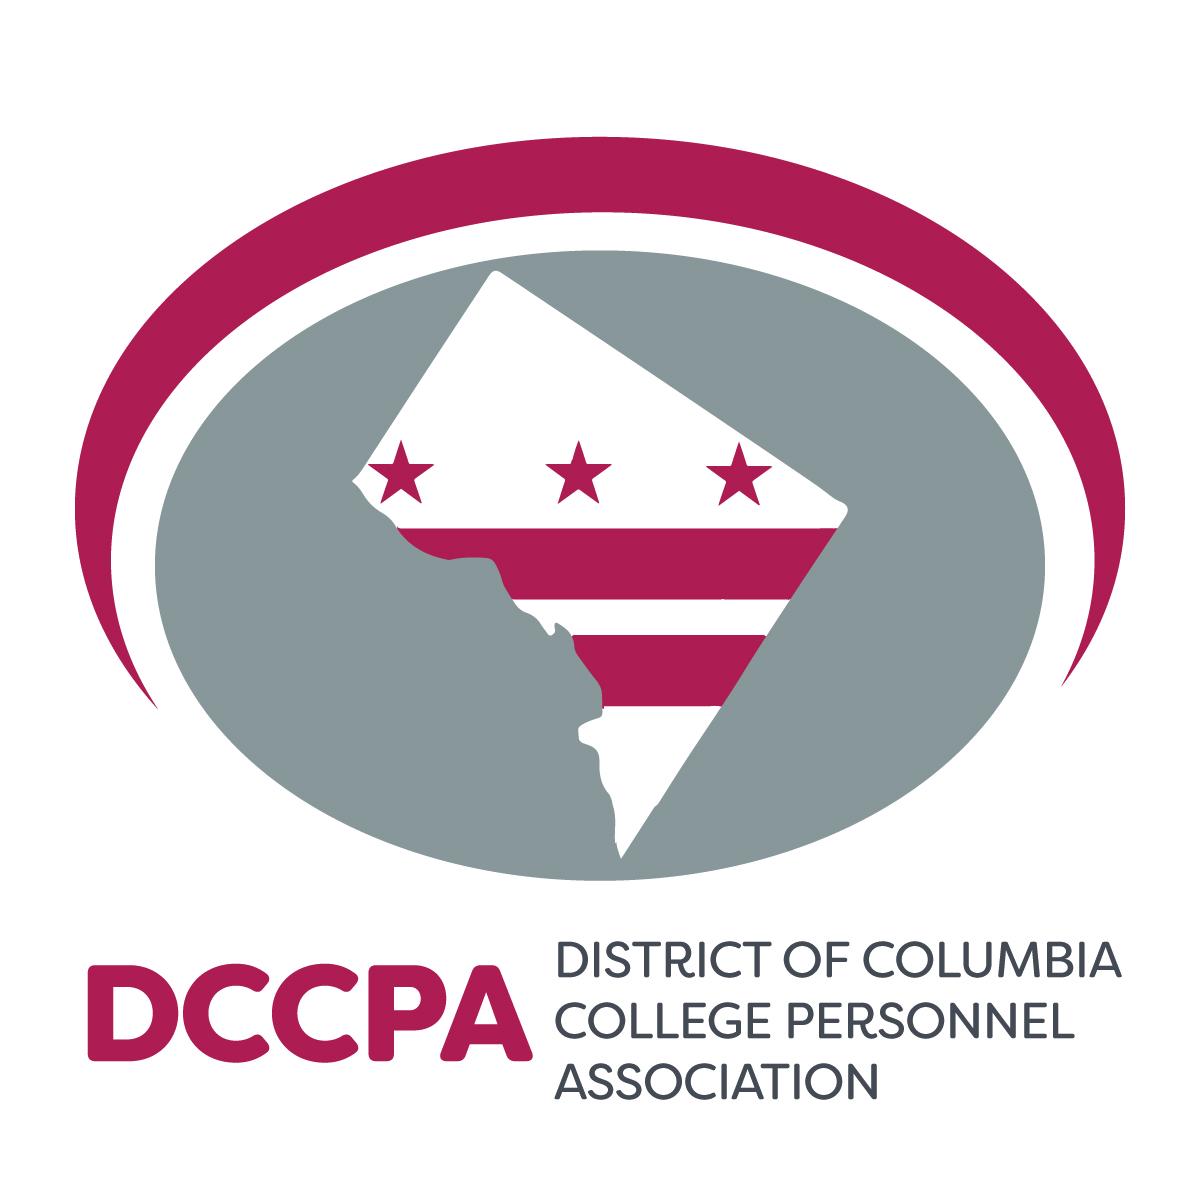 DCCPA